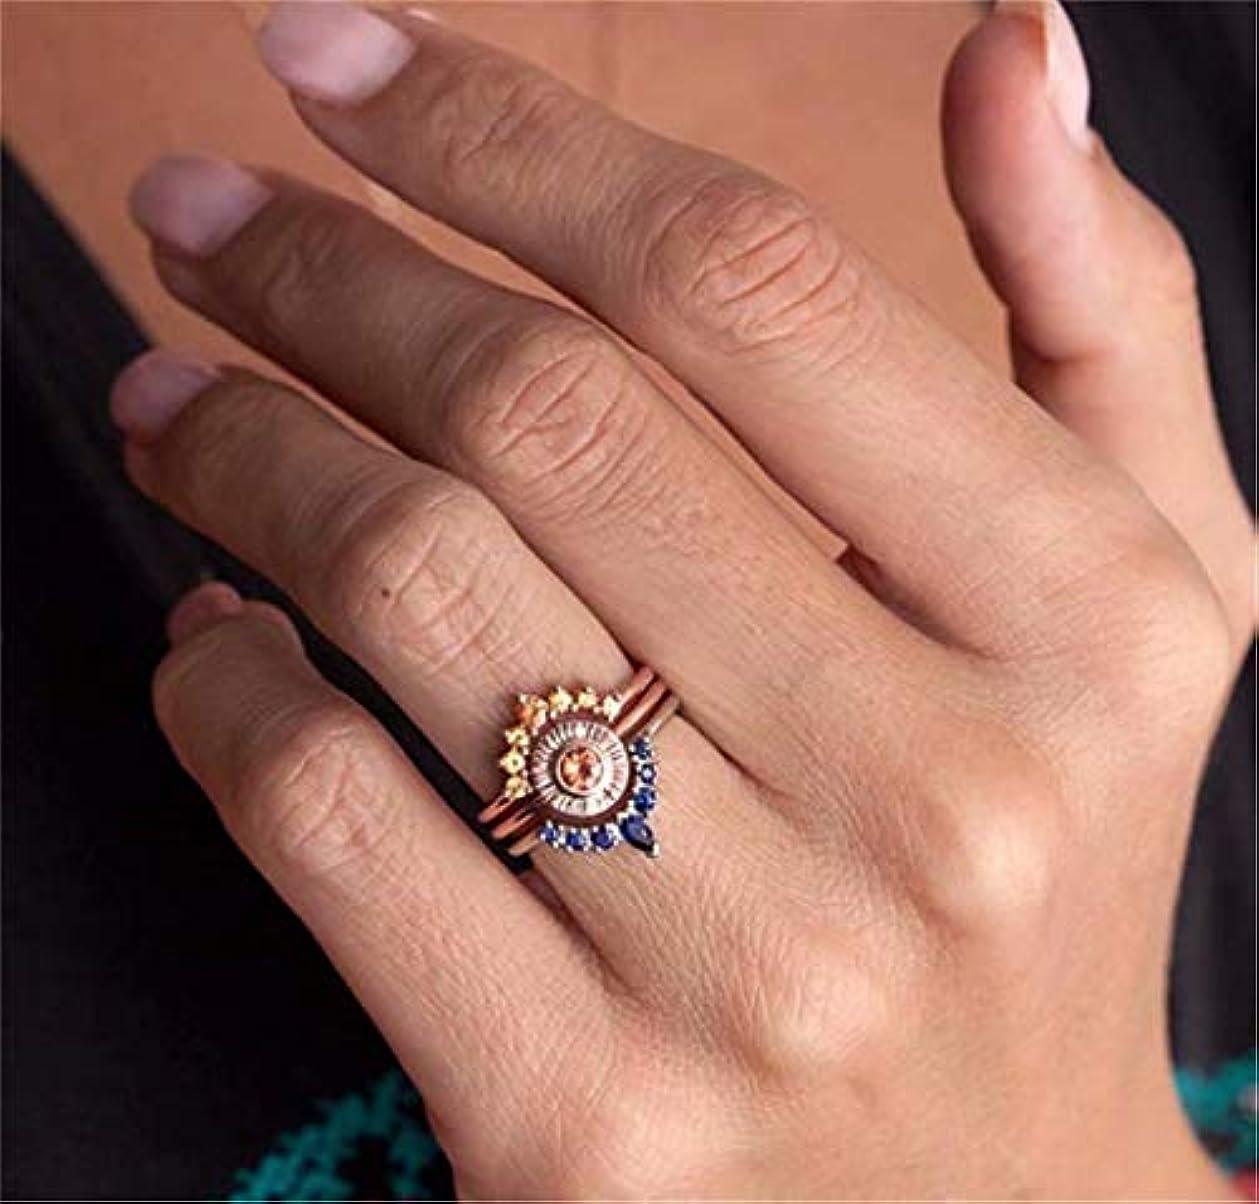 条約合わせて誘惑する七里の香 指輪 ペアリング レディース メンズ リング キュービックジルコニア 結婚指輪 婚約指輪 シンプル フラワー 花 セット